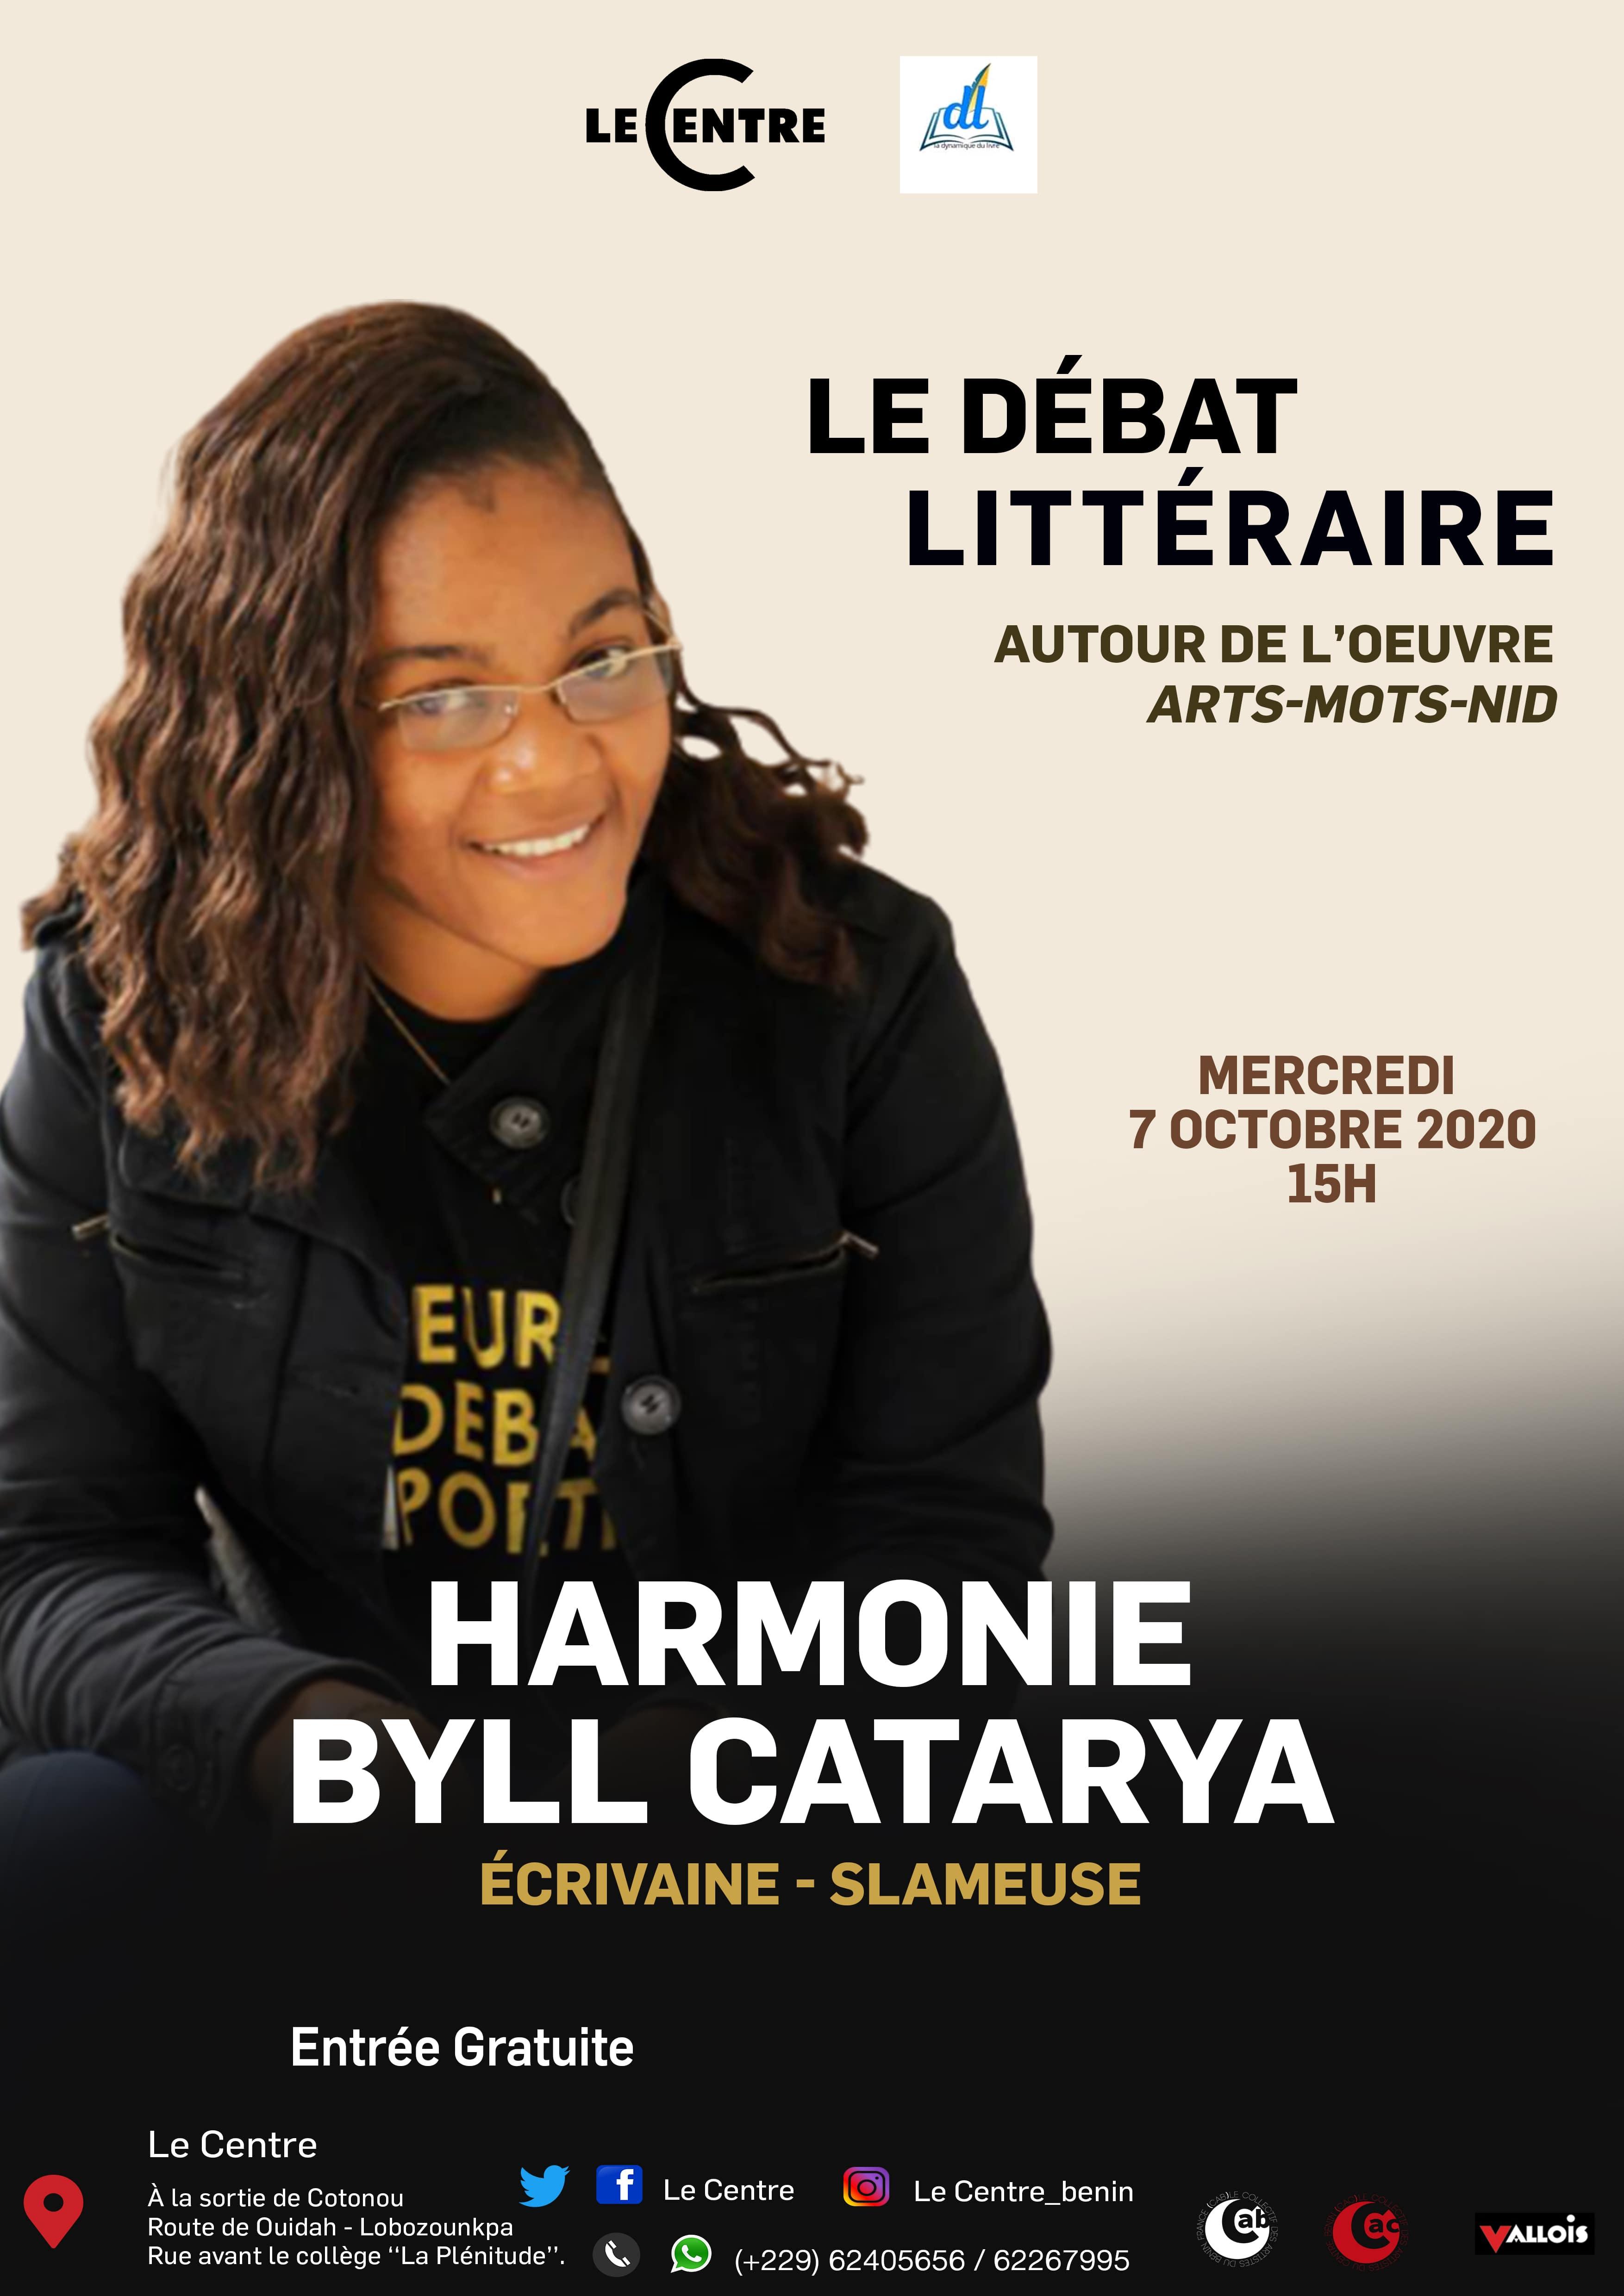 Le Débat littéraire, Harmonie Byll Catarya